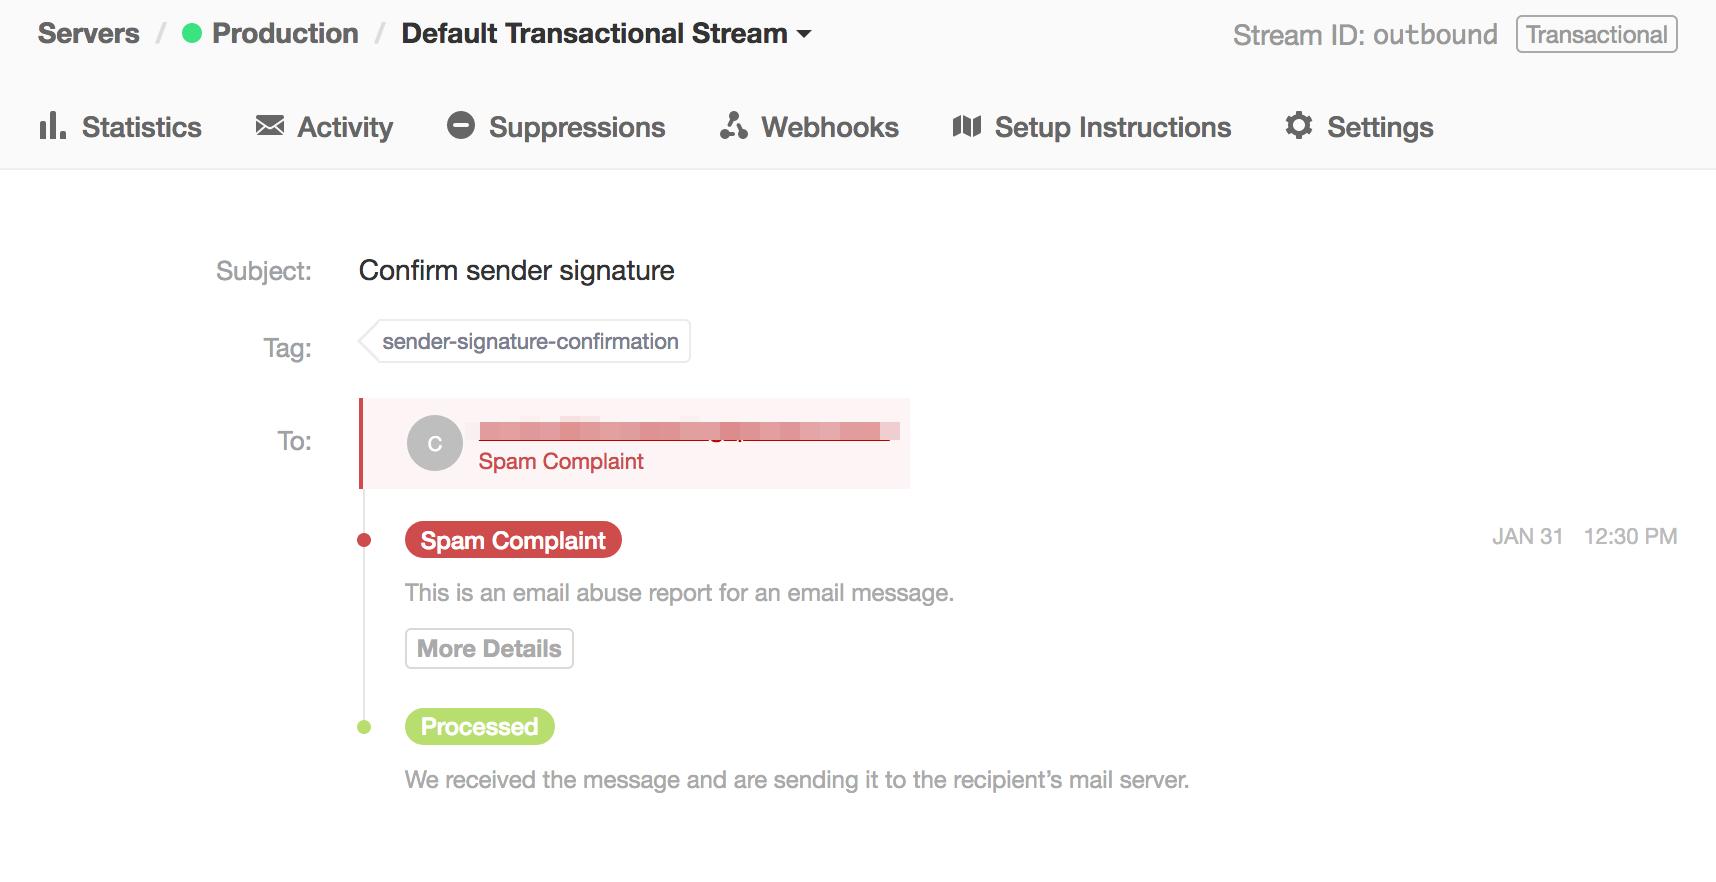 Spam Complaint